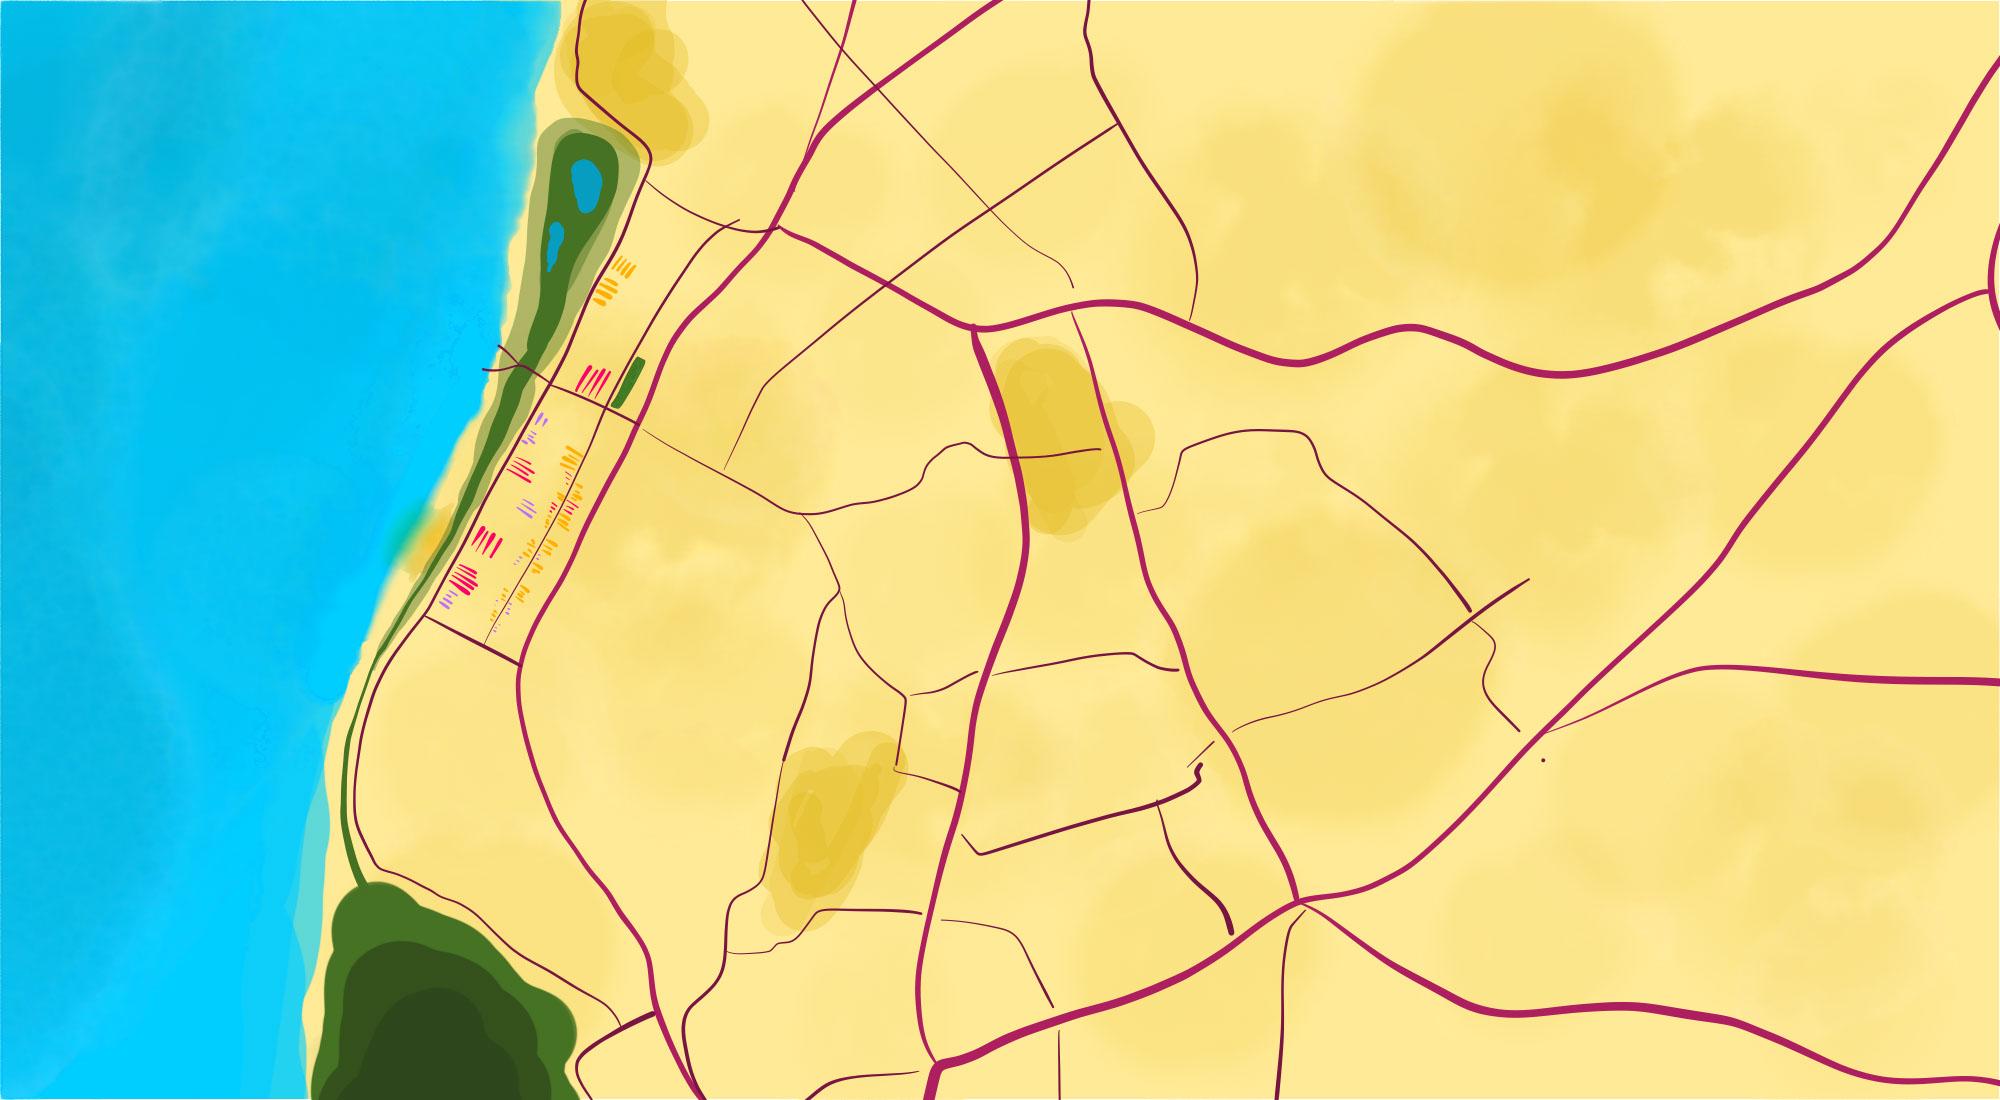 kopvanholland map detail